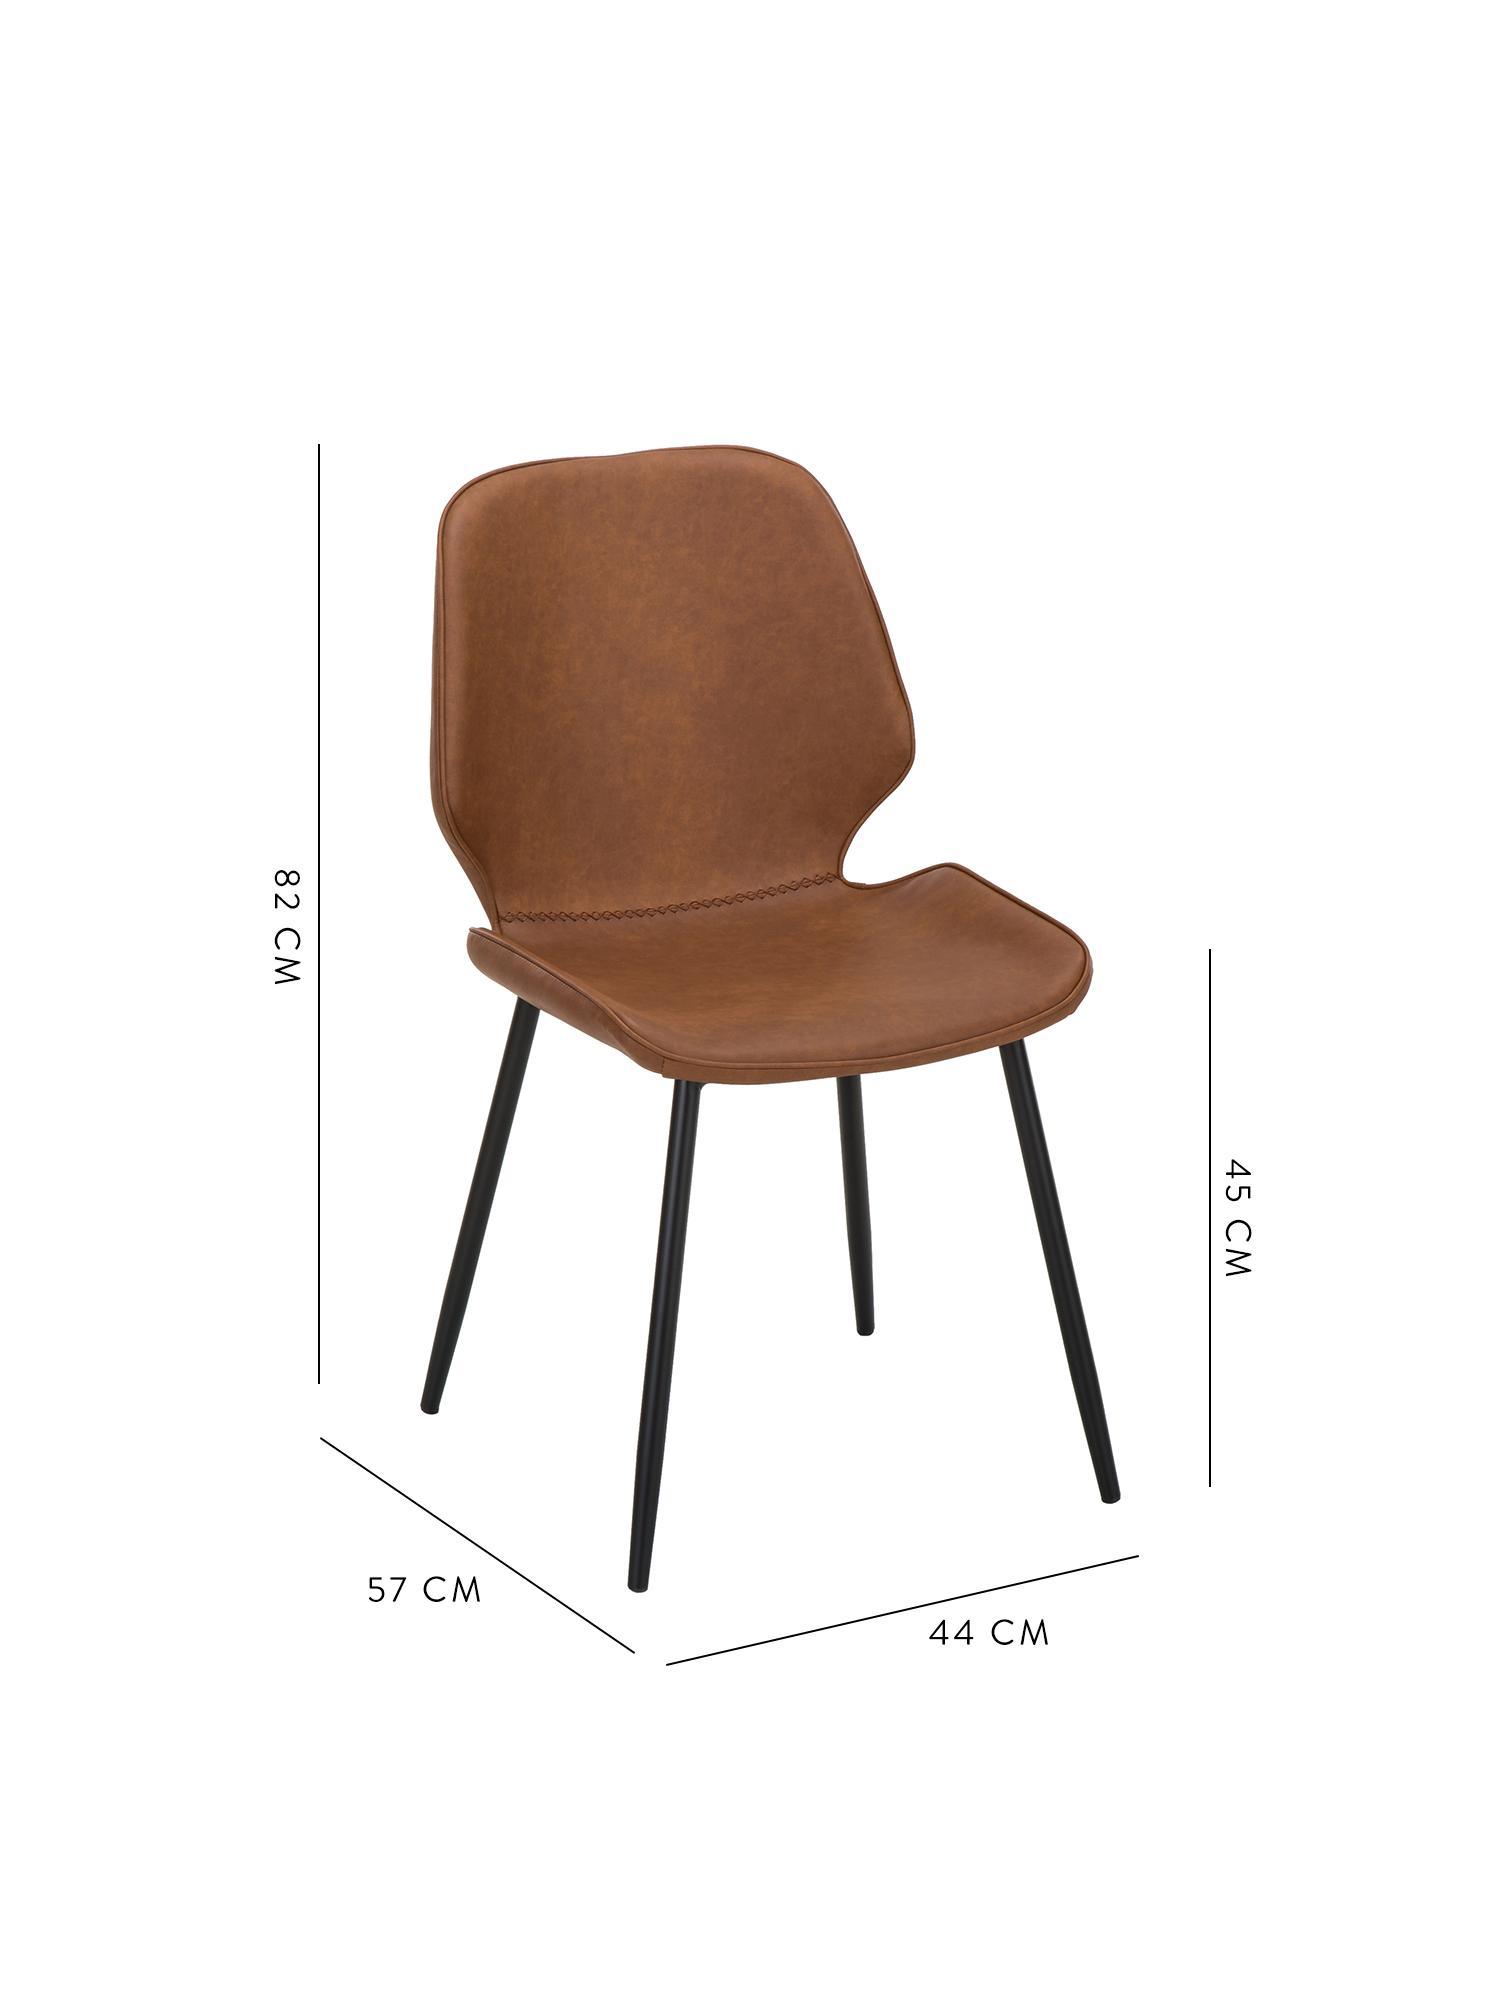 Chaise cuir synthétique rembourré Louis, 2pièces, Cognac